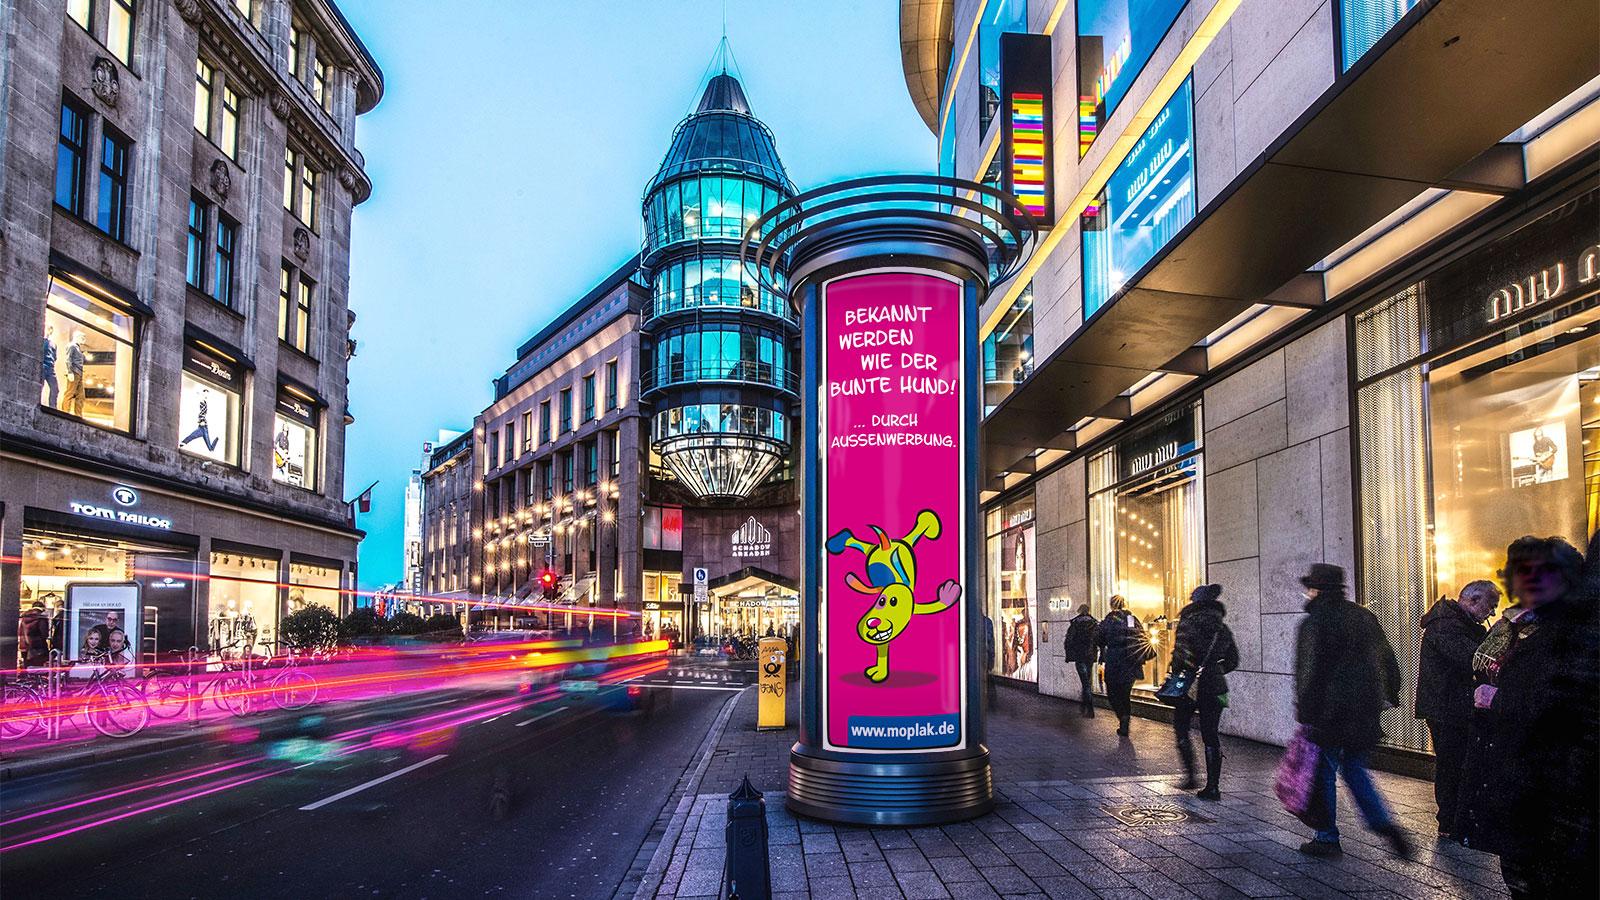 Heidelberg-Aussenwerbung-Litfasssaeule-Werbung